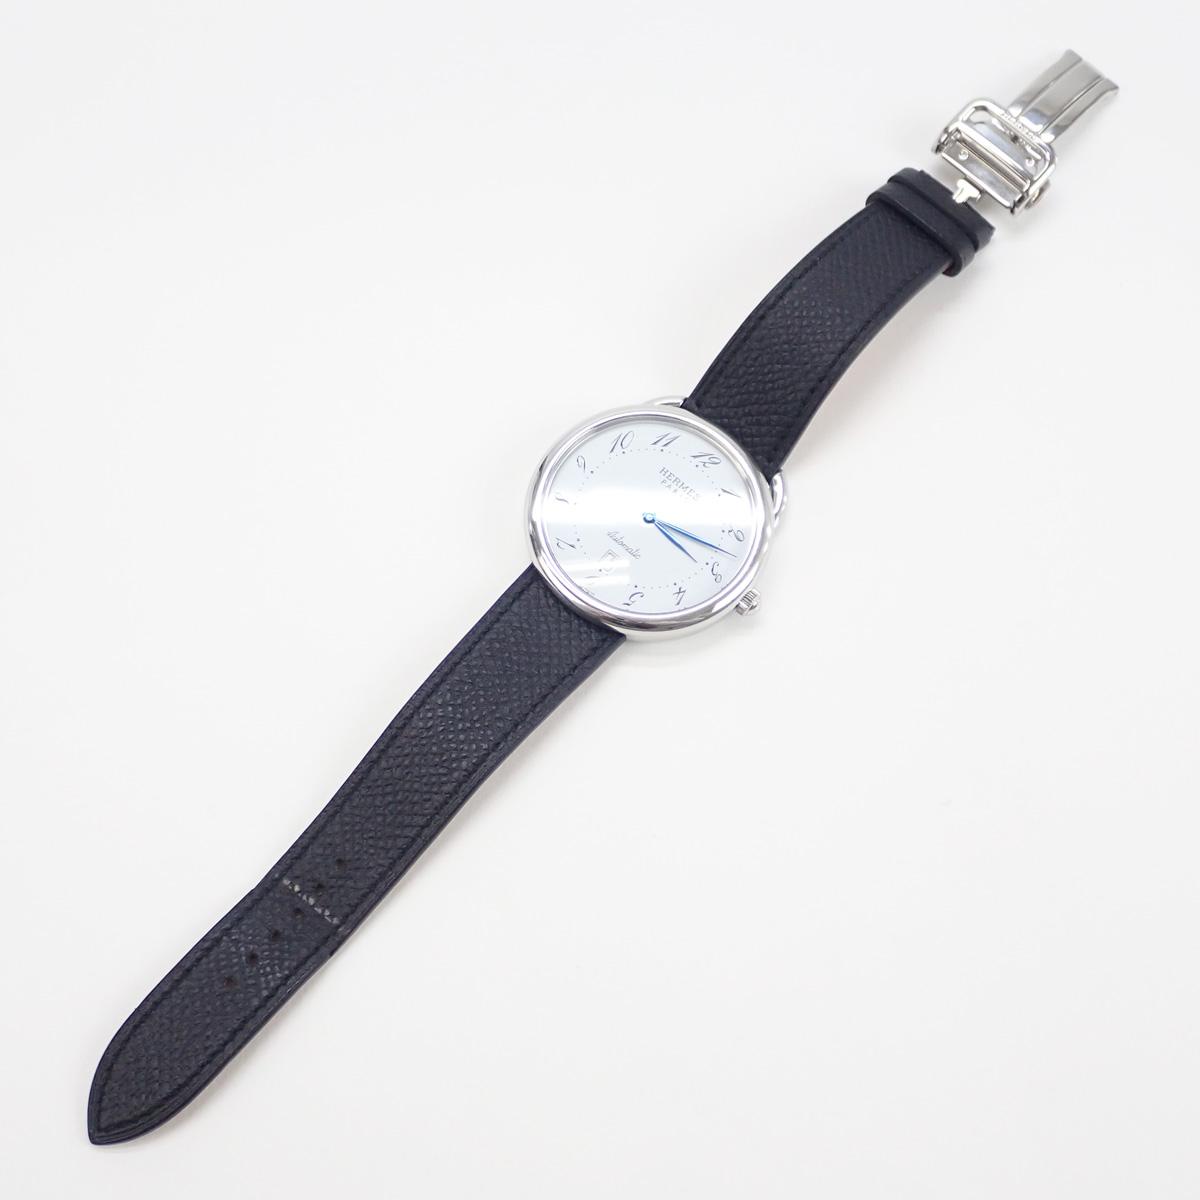 【辛口評価】【ABランク】HERMES エルメス アルソー メンズ腕時計 AR4.810 白文字盤 ブラックレザー